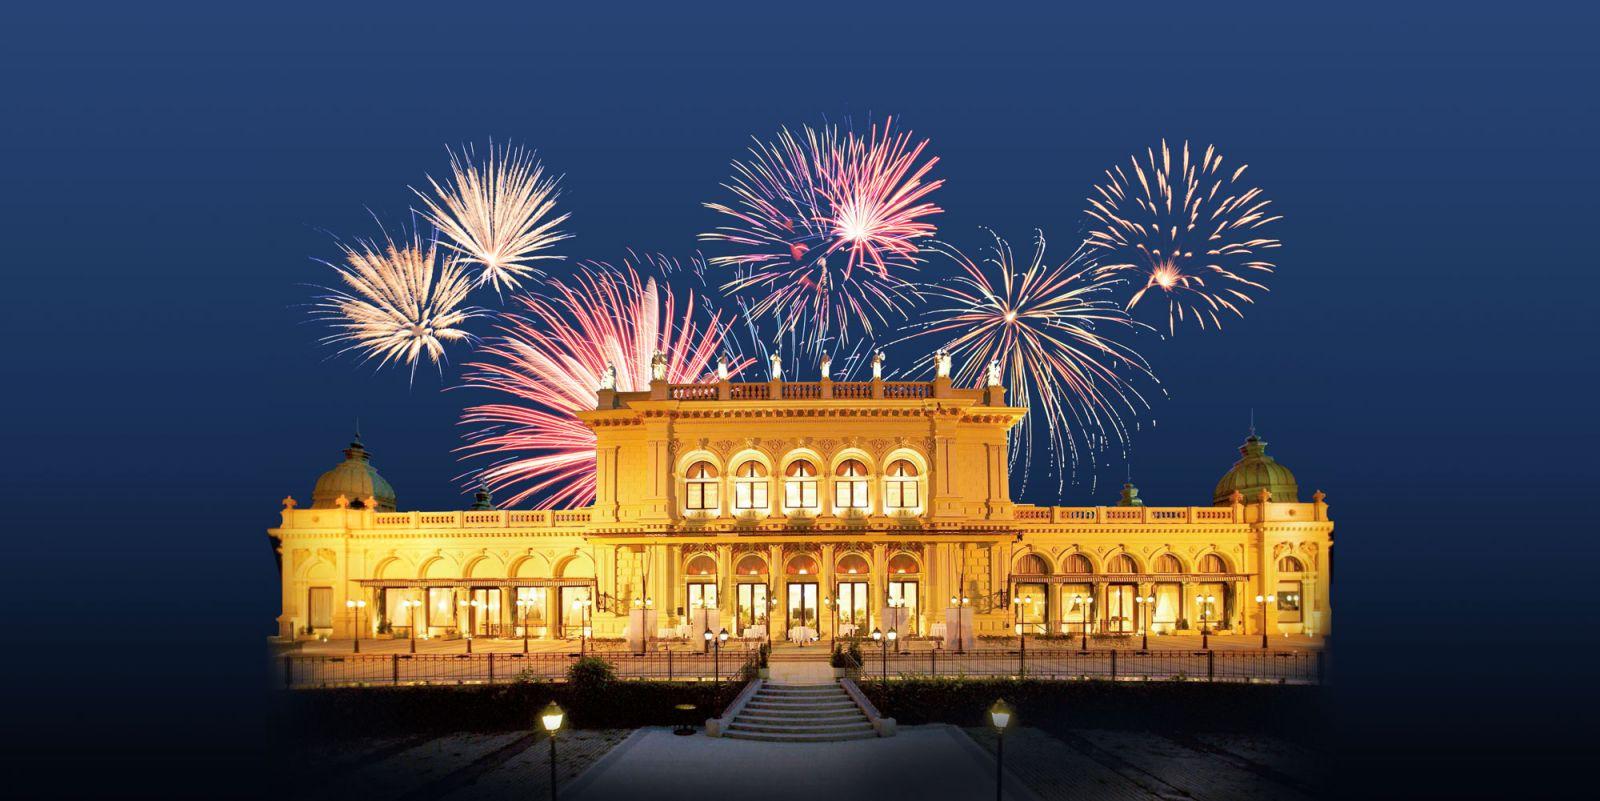 احتفالات رأس السنة فى فيينا - النمسا